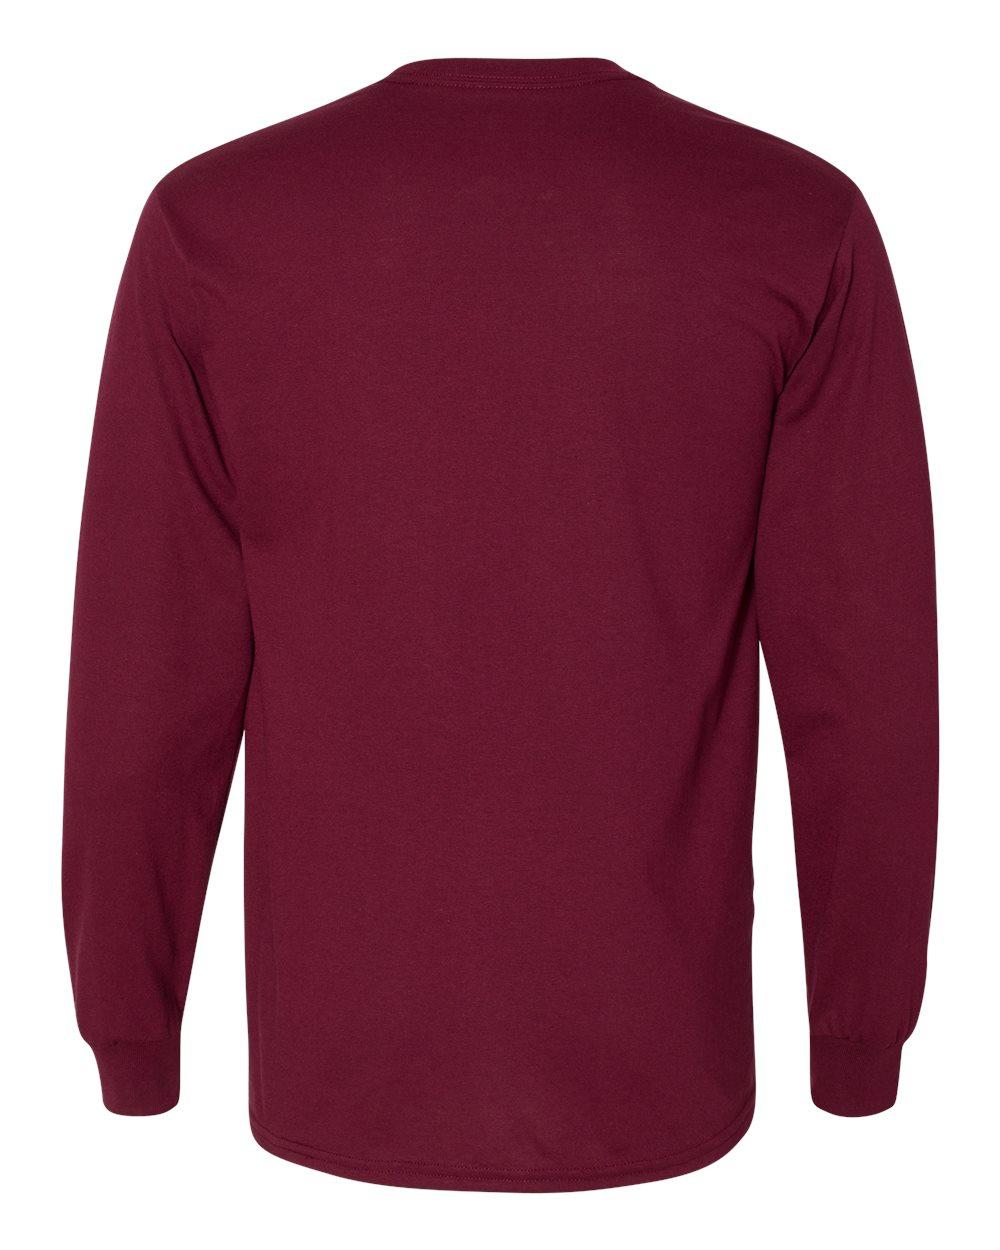 Gildan-Mens-Blank-DryBlend-50-50-Cotton-Long-Sleeve-T-Shirt-8400-up-to-3XL miniature 25